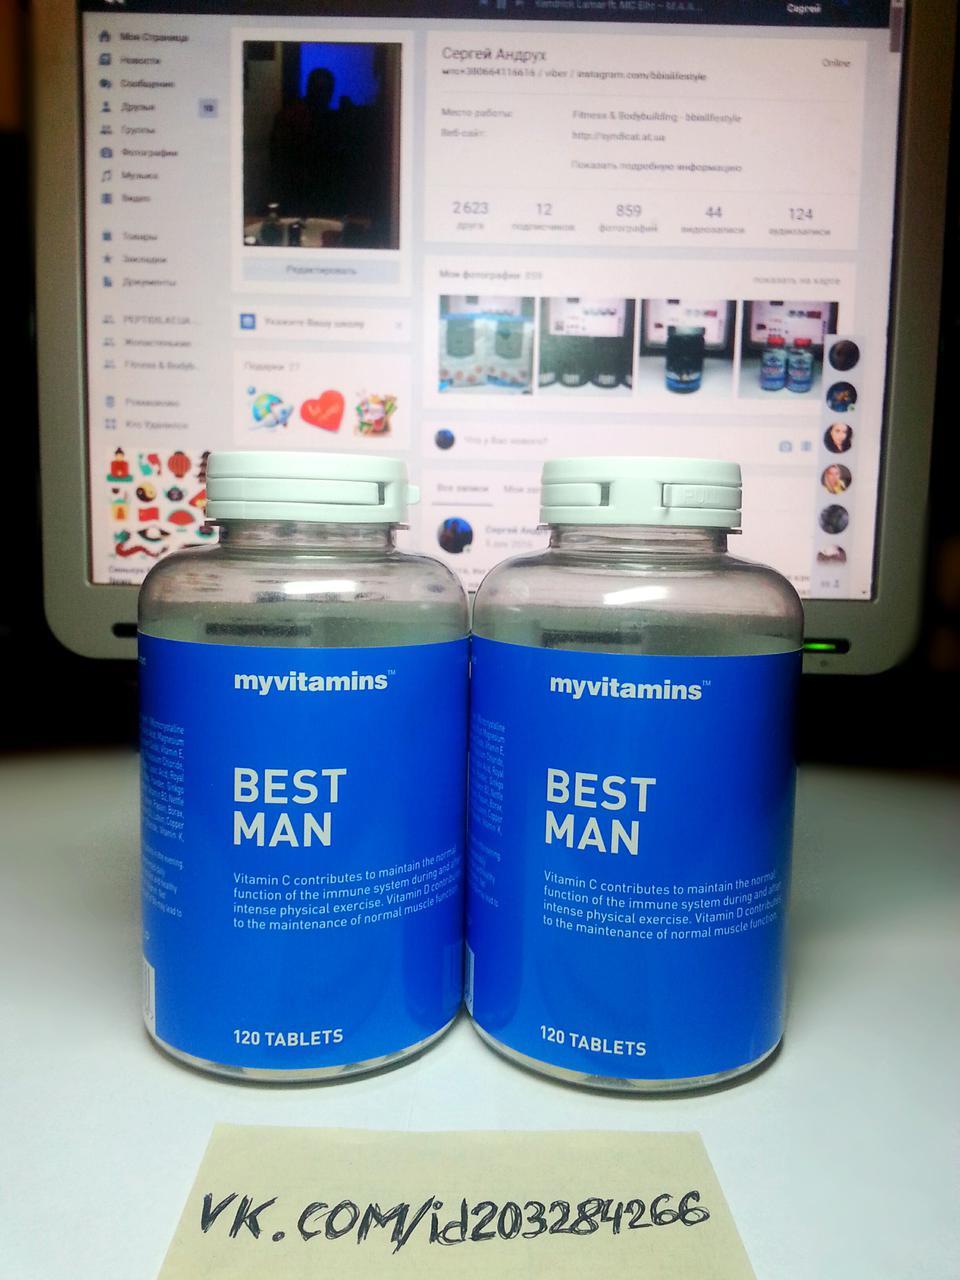 Витамины для мужчин Myvitamins Best Man 120 табл